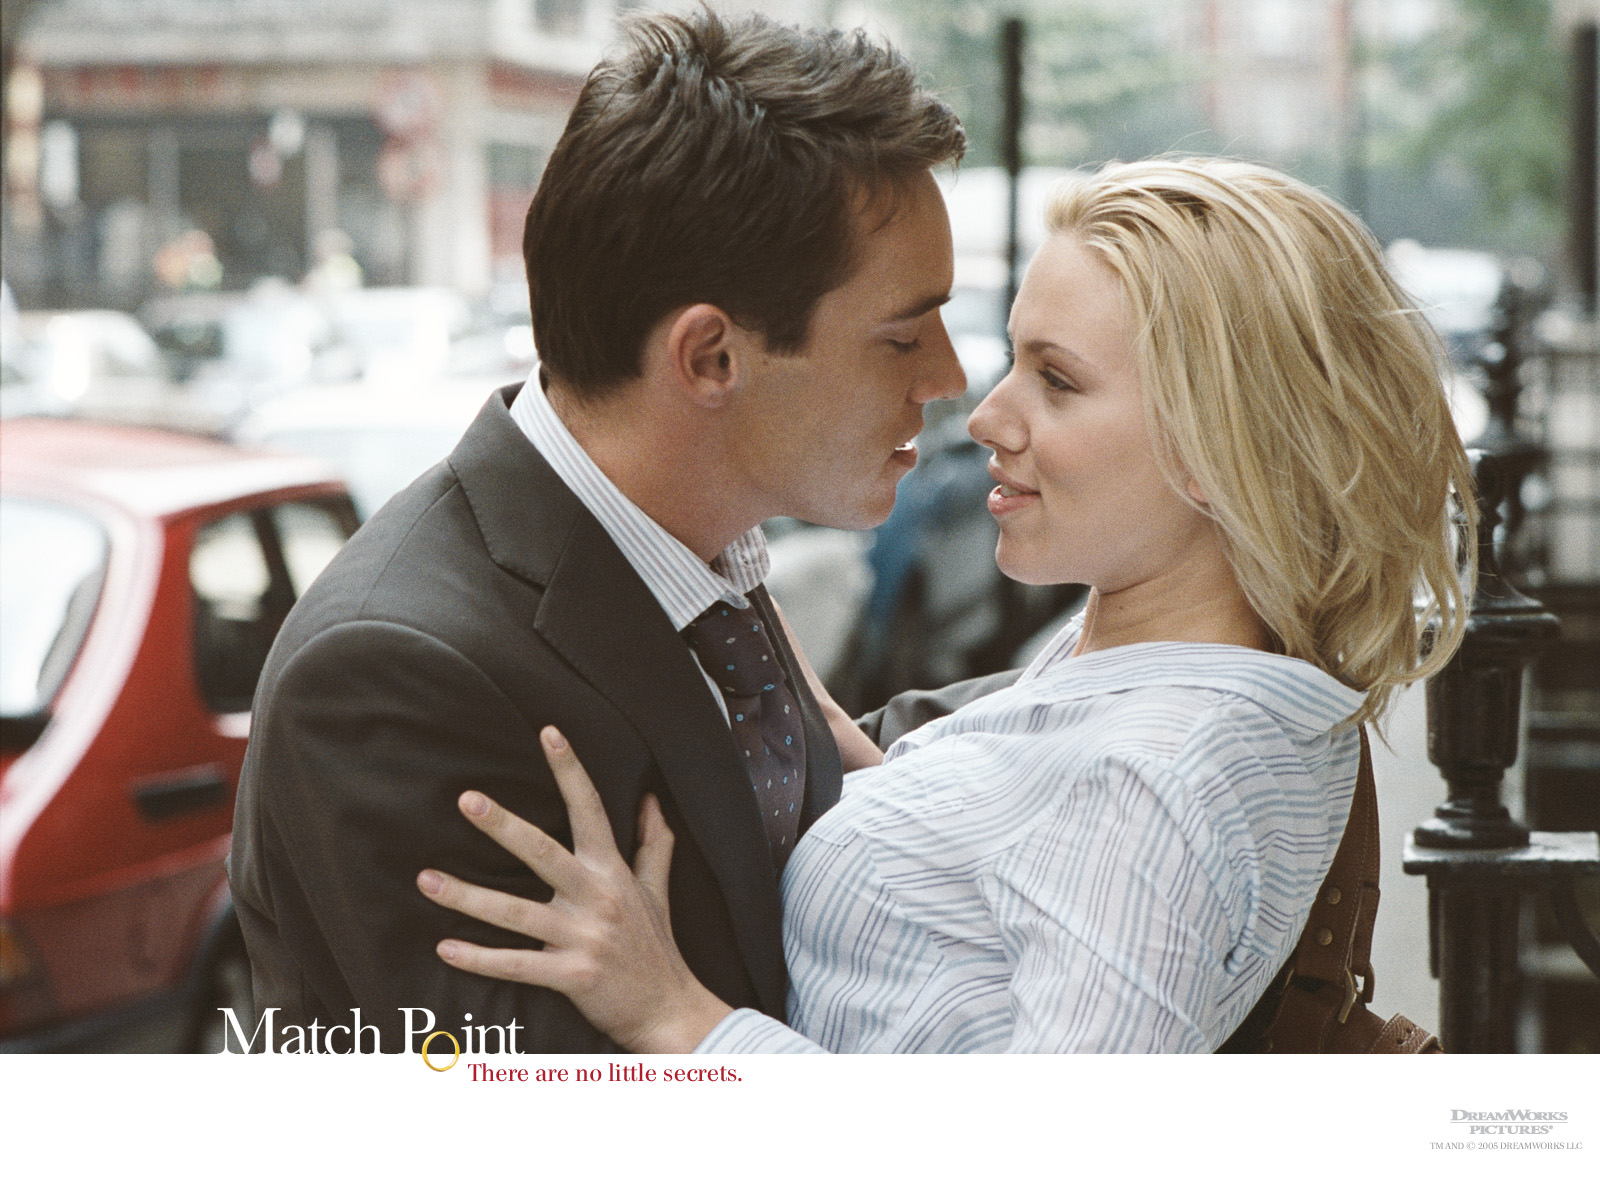 http://3.bp.blogspot.com/-BZ7FGvetgtM/TFf6bEn0FAI/AAAAAAAAAaM/X7SS0DdOLDg/s1600/couple-kissing.jpg